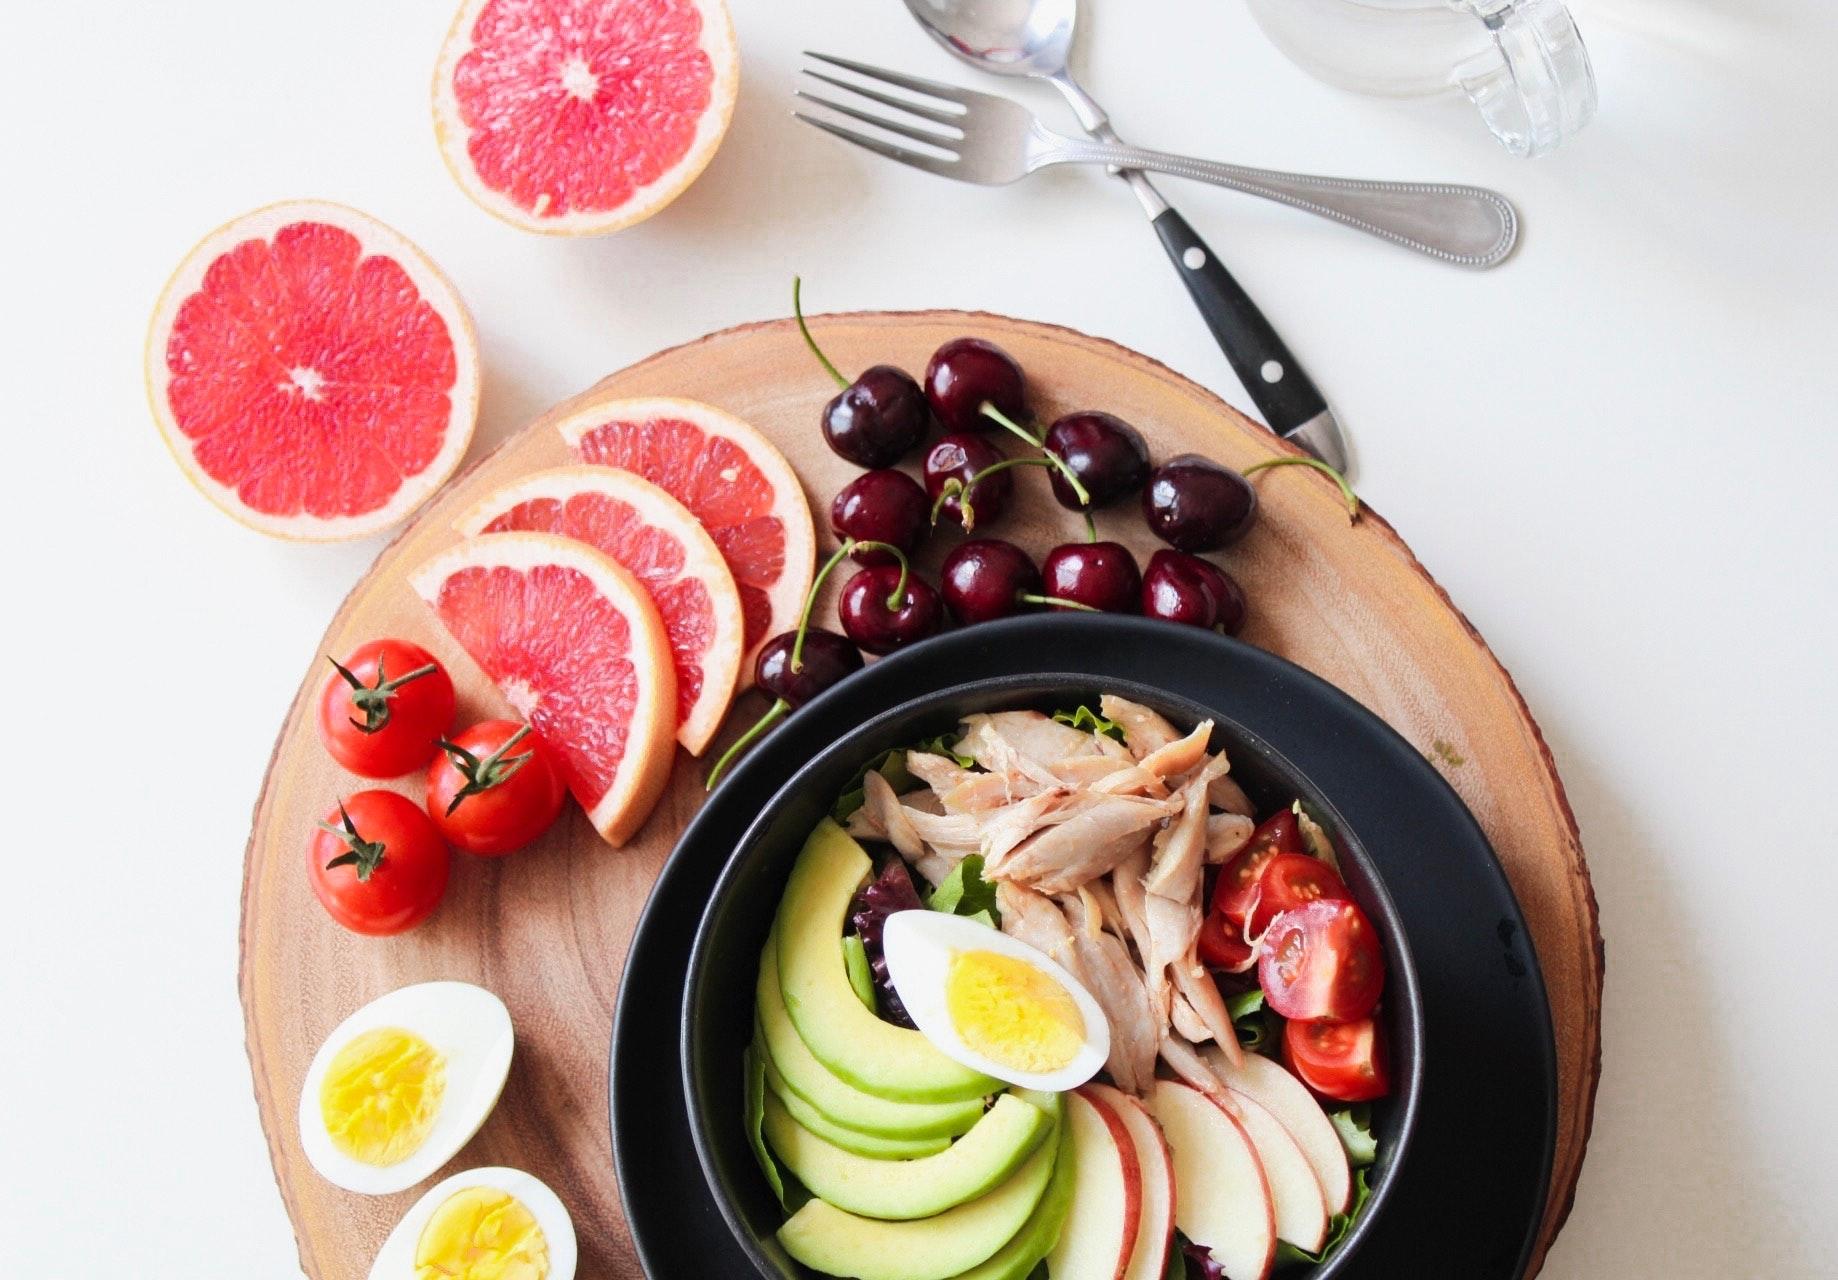 verschillende soorten fruit en groente